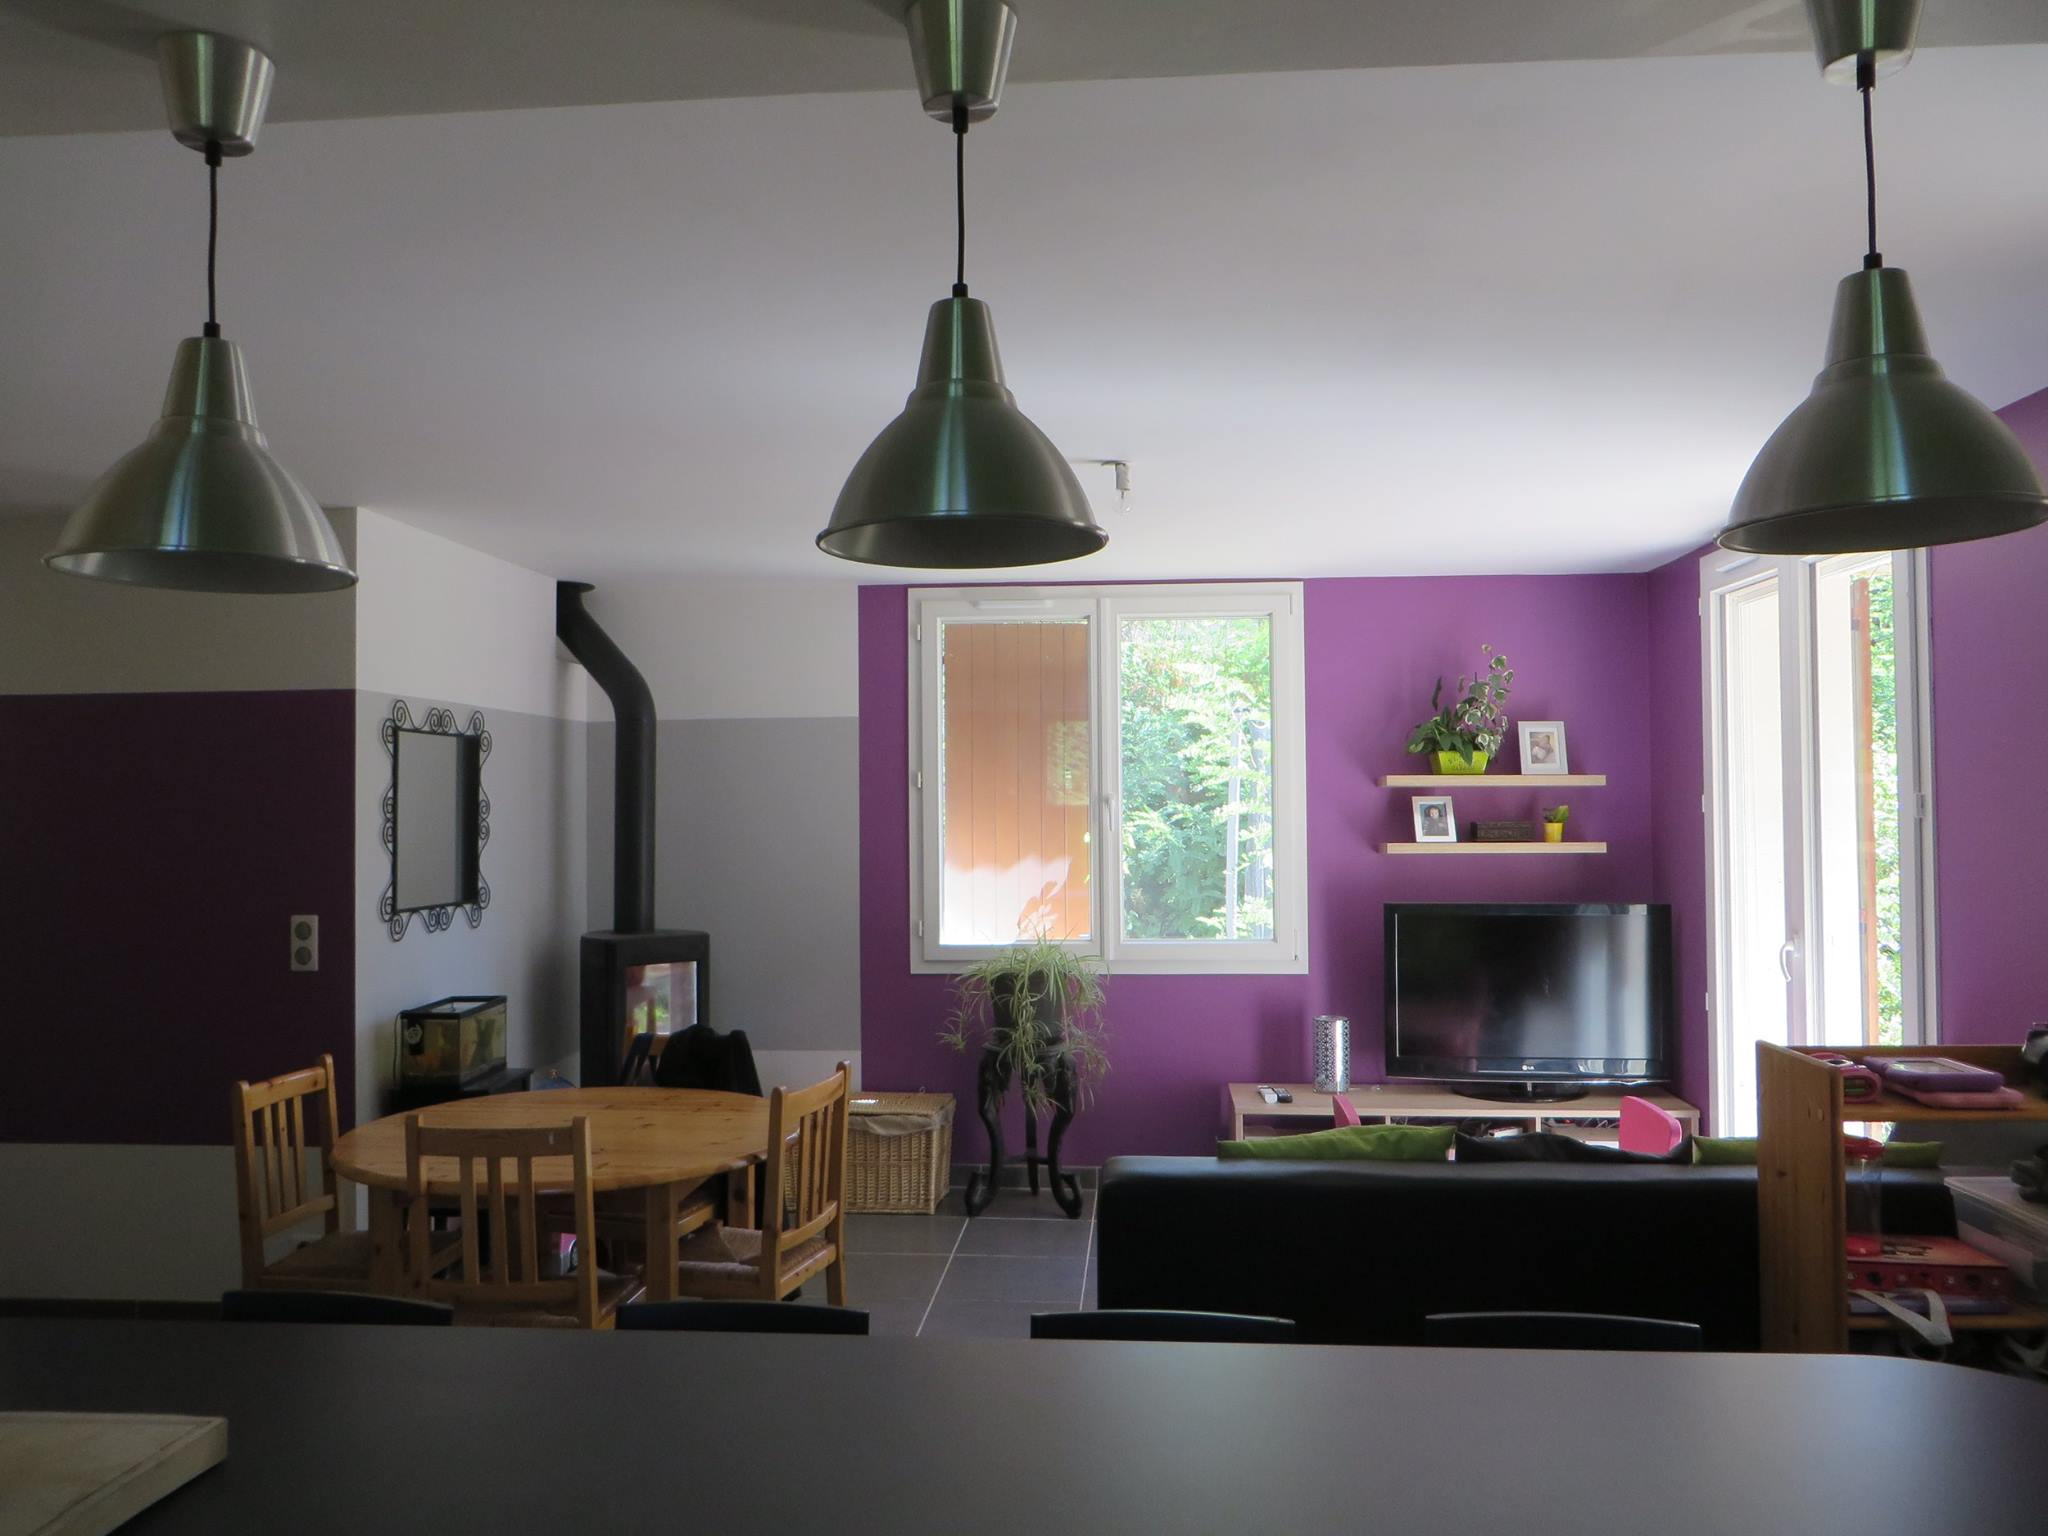 peinture d 39 int rieur couleurs gardoises. Black Bedroom Furniture Sets. Home Design Ideas